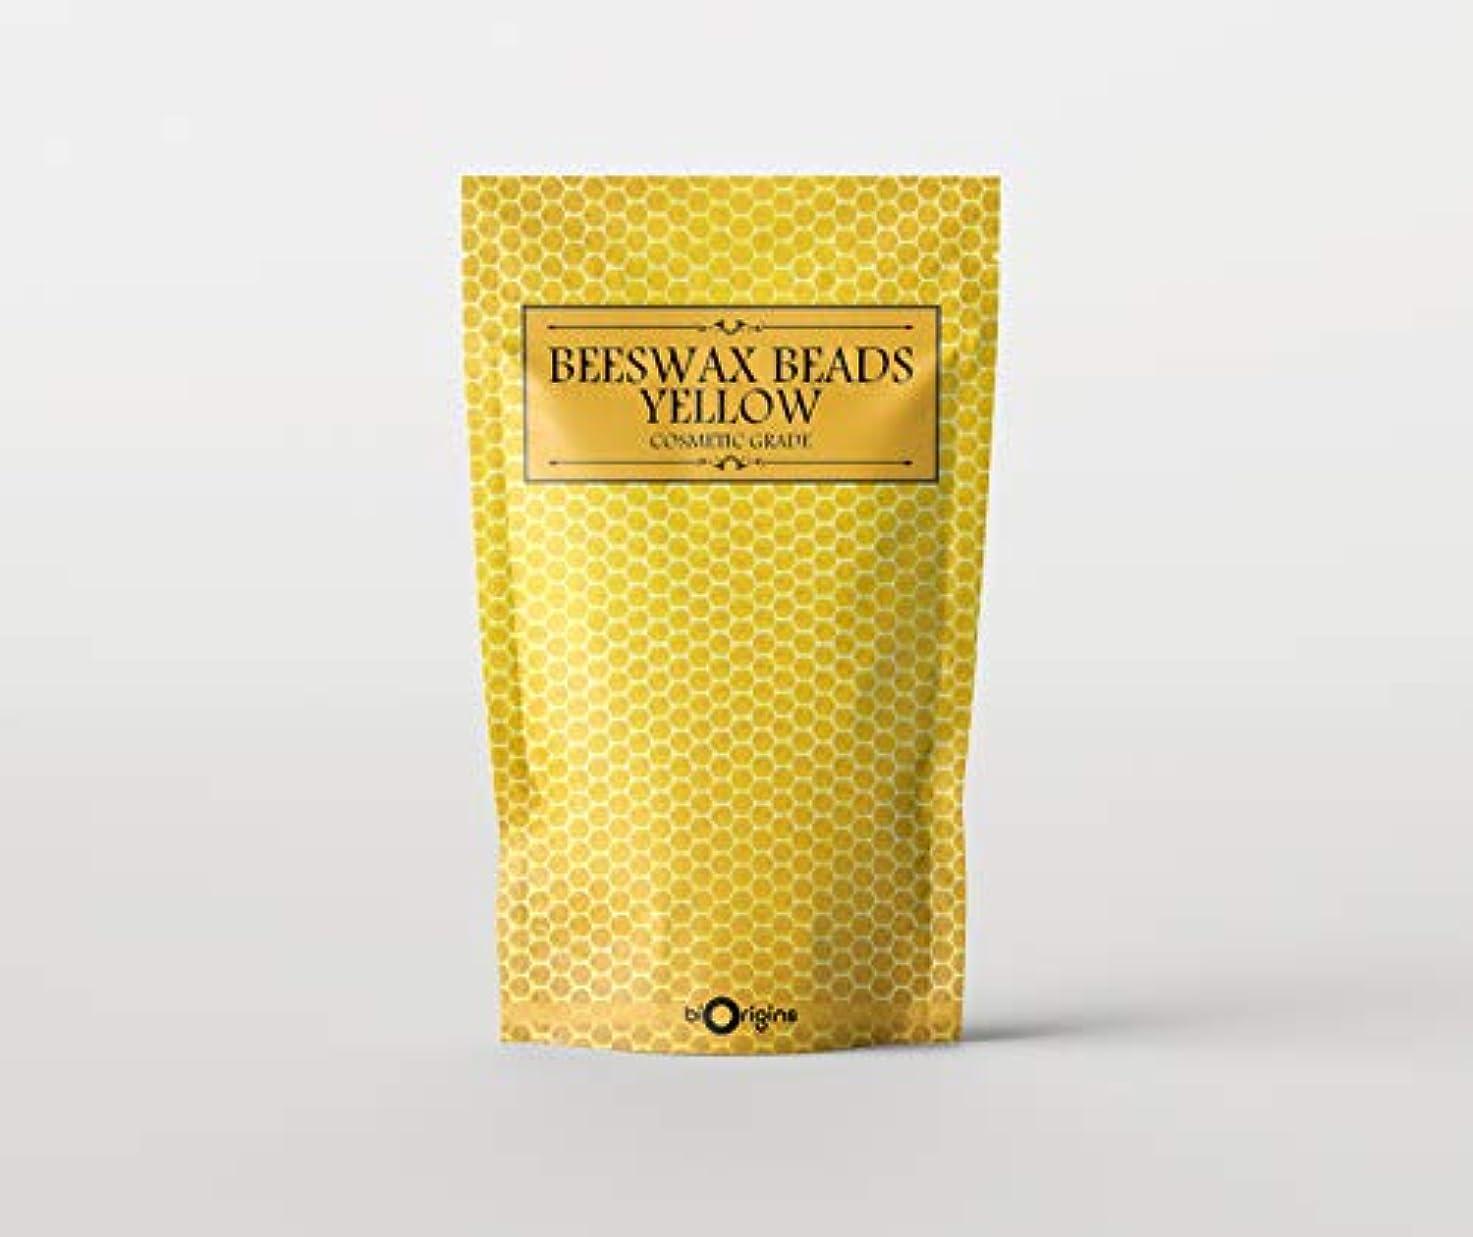 緩む精神医学トムオードリースBeeswax Beads Yellow - Cosmetic Grade - 500g